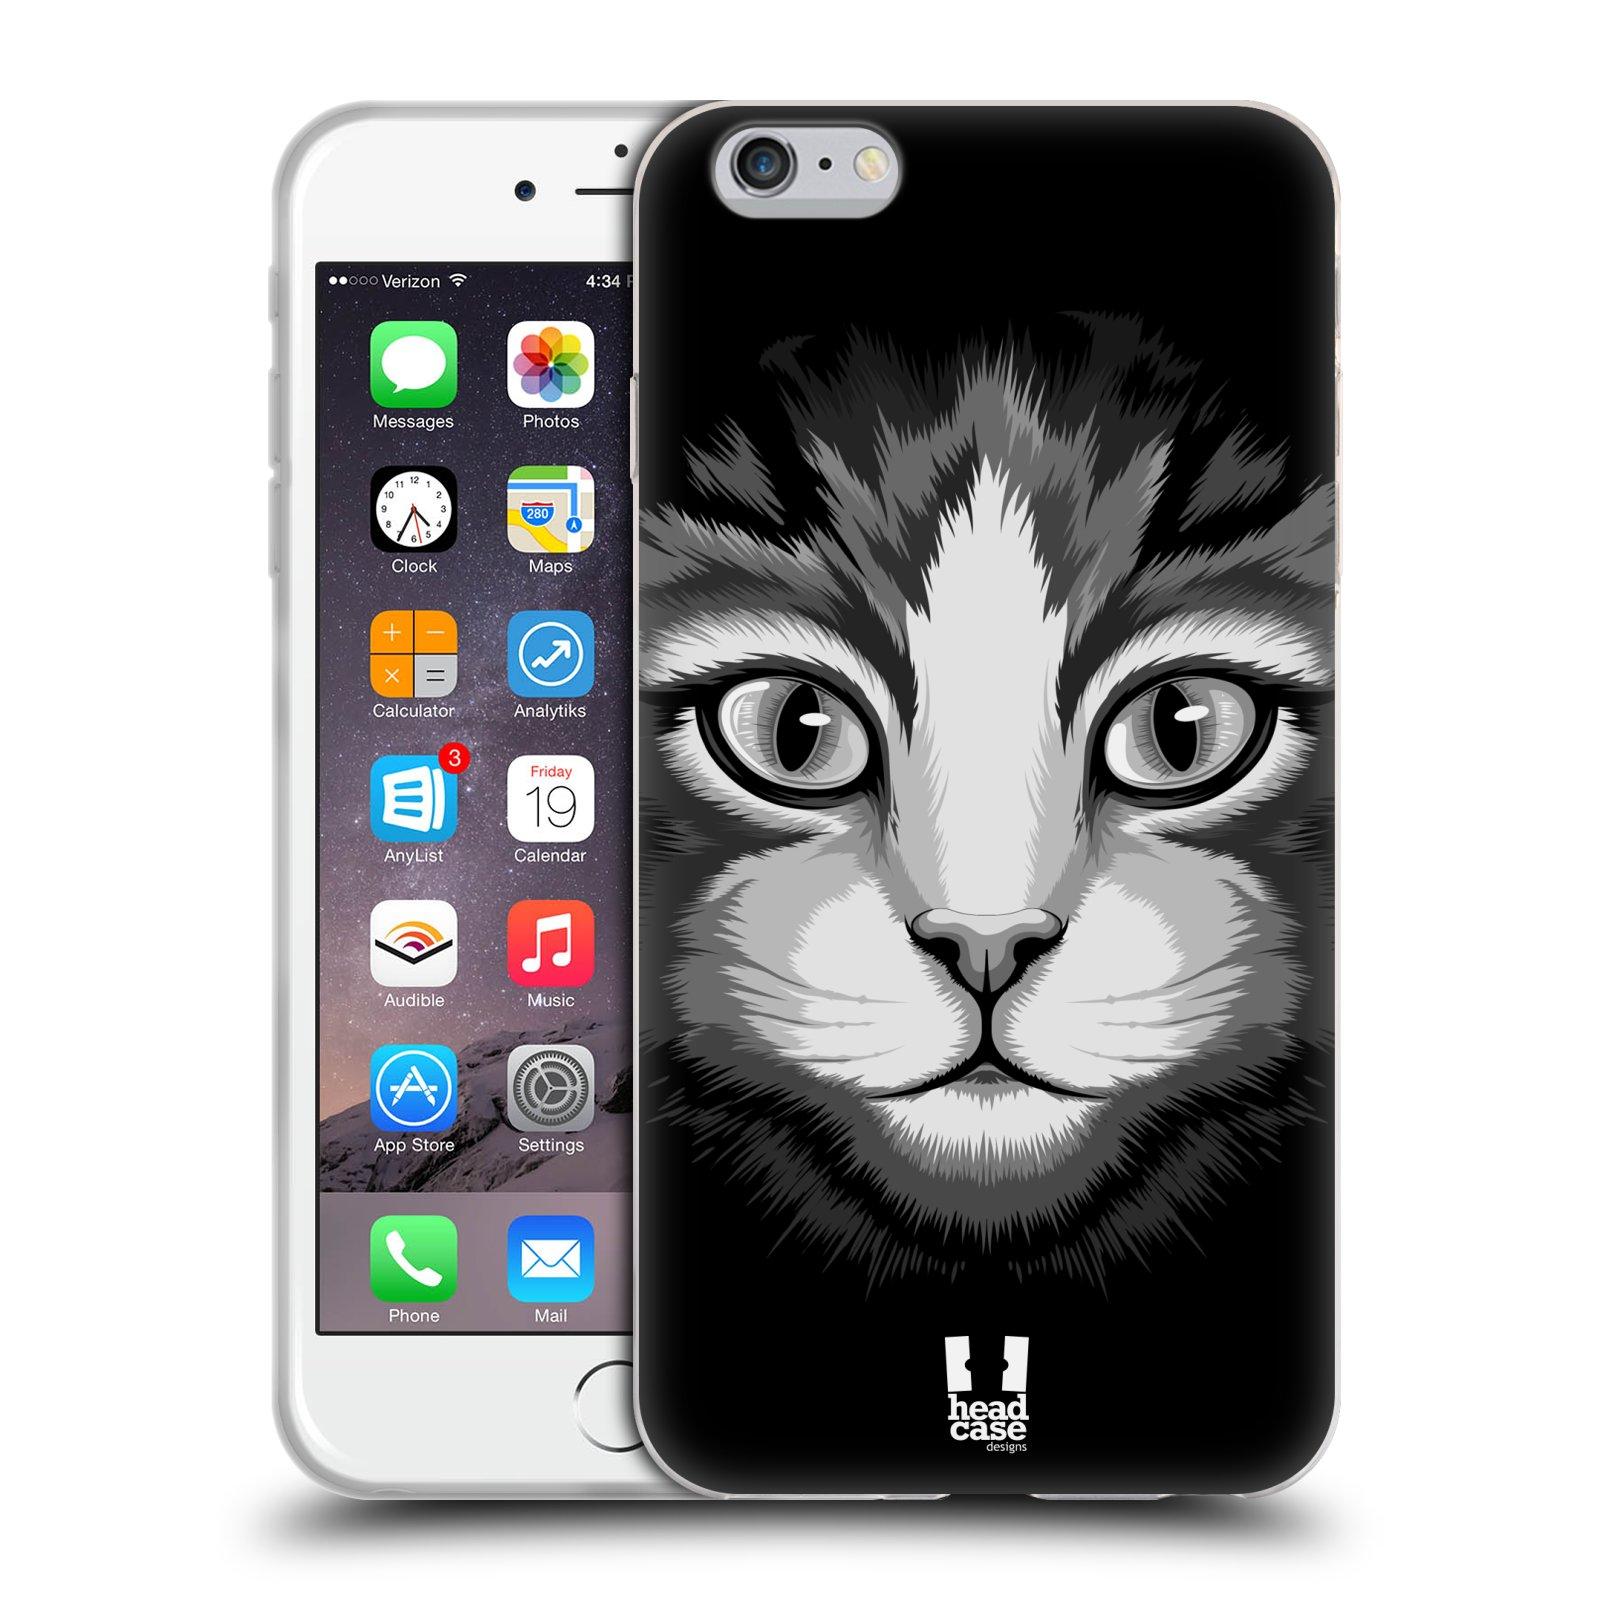 HEAD CASE silikonový obal na mobil Apple Iphone 6 PLUS/ 6S PLUS vzor Zvíře kreslená tvář 2 kočička